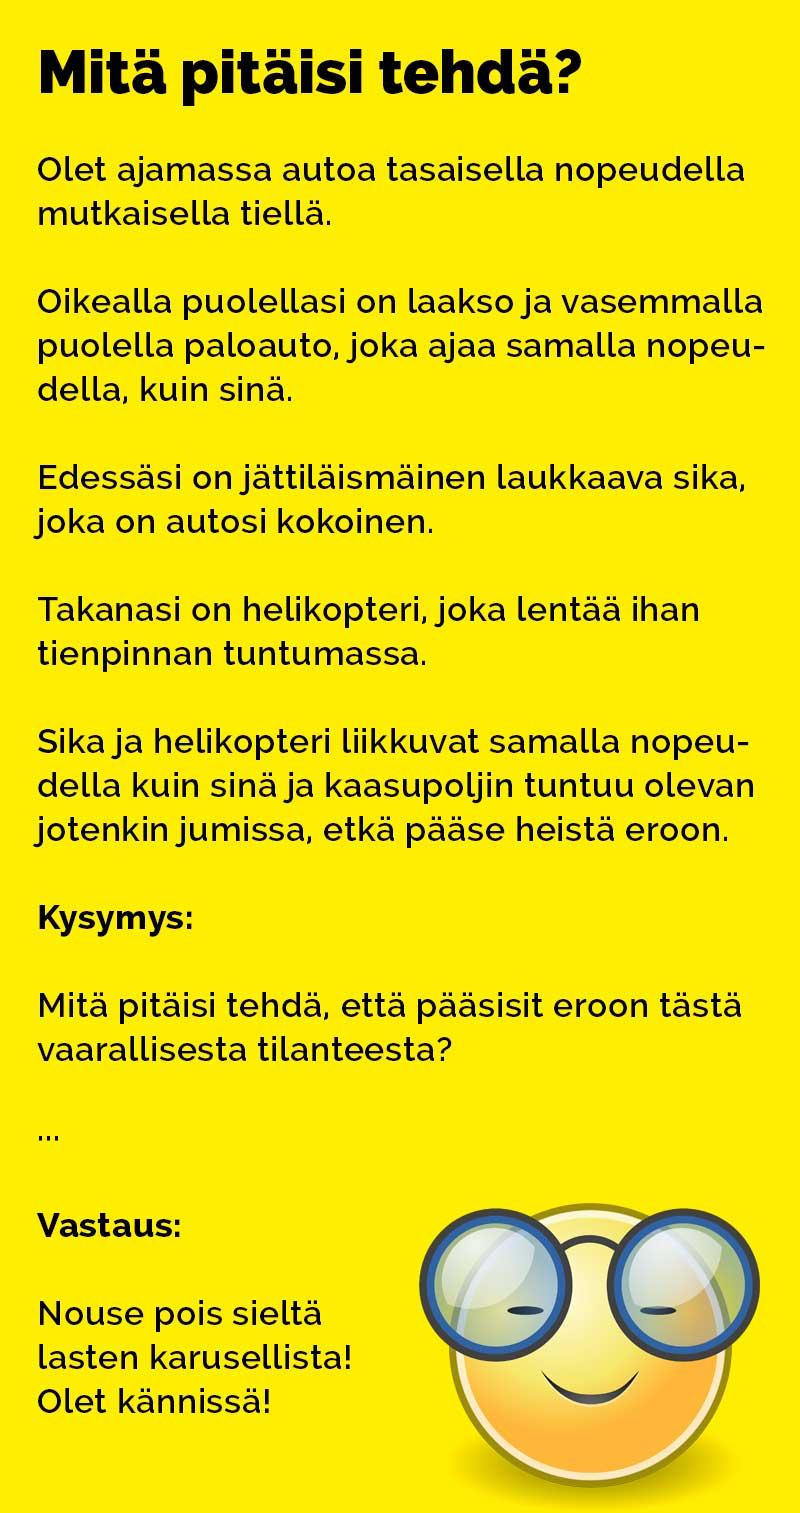 vitsit_mita_pitaisi_tehda_2